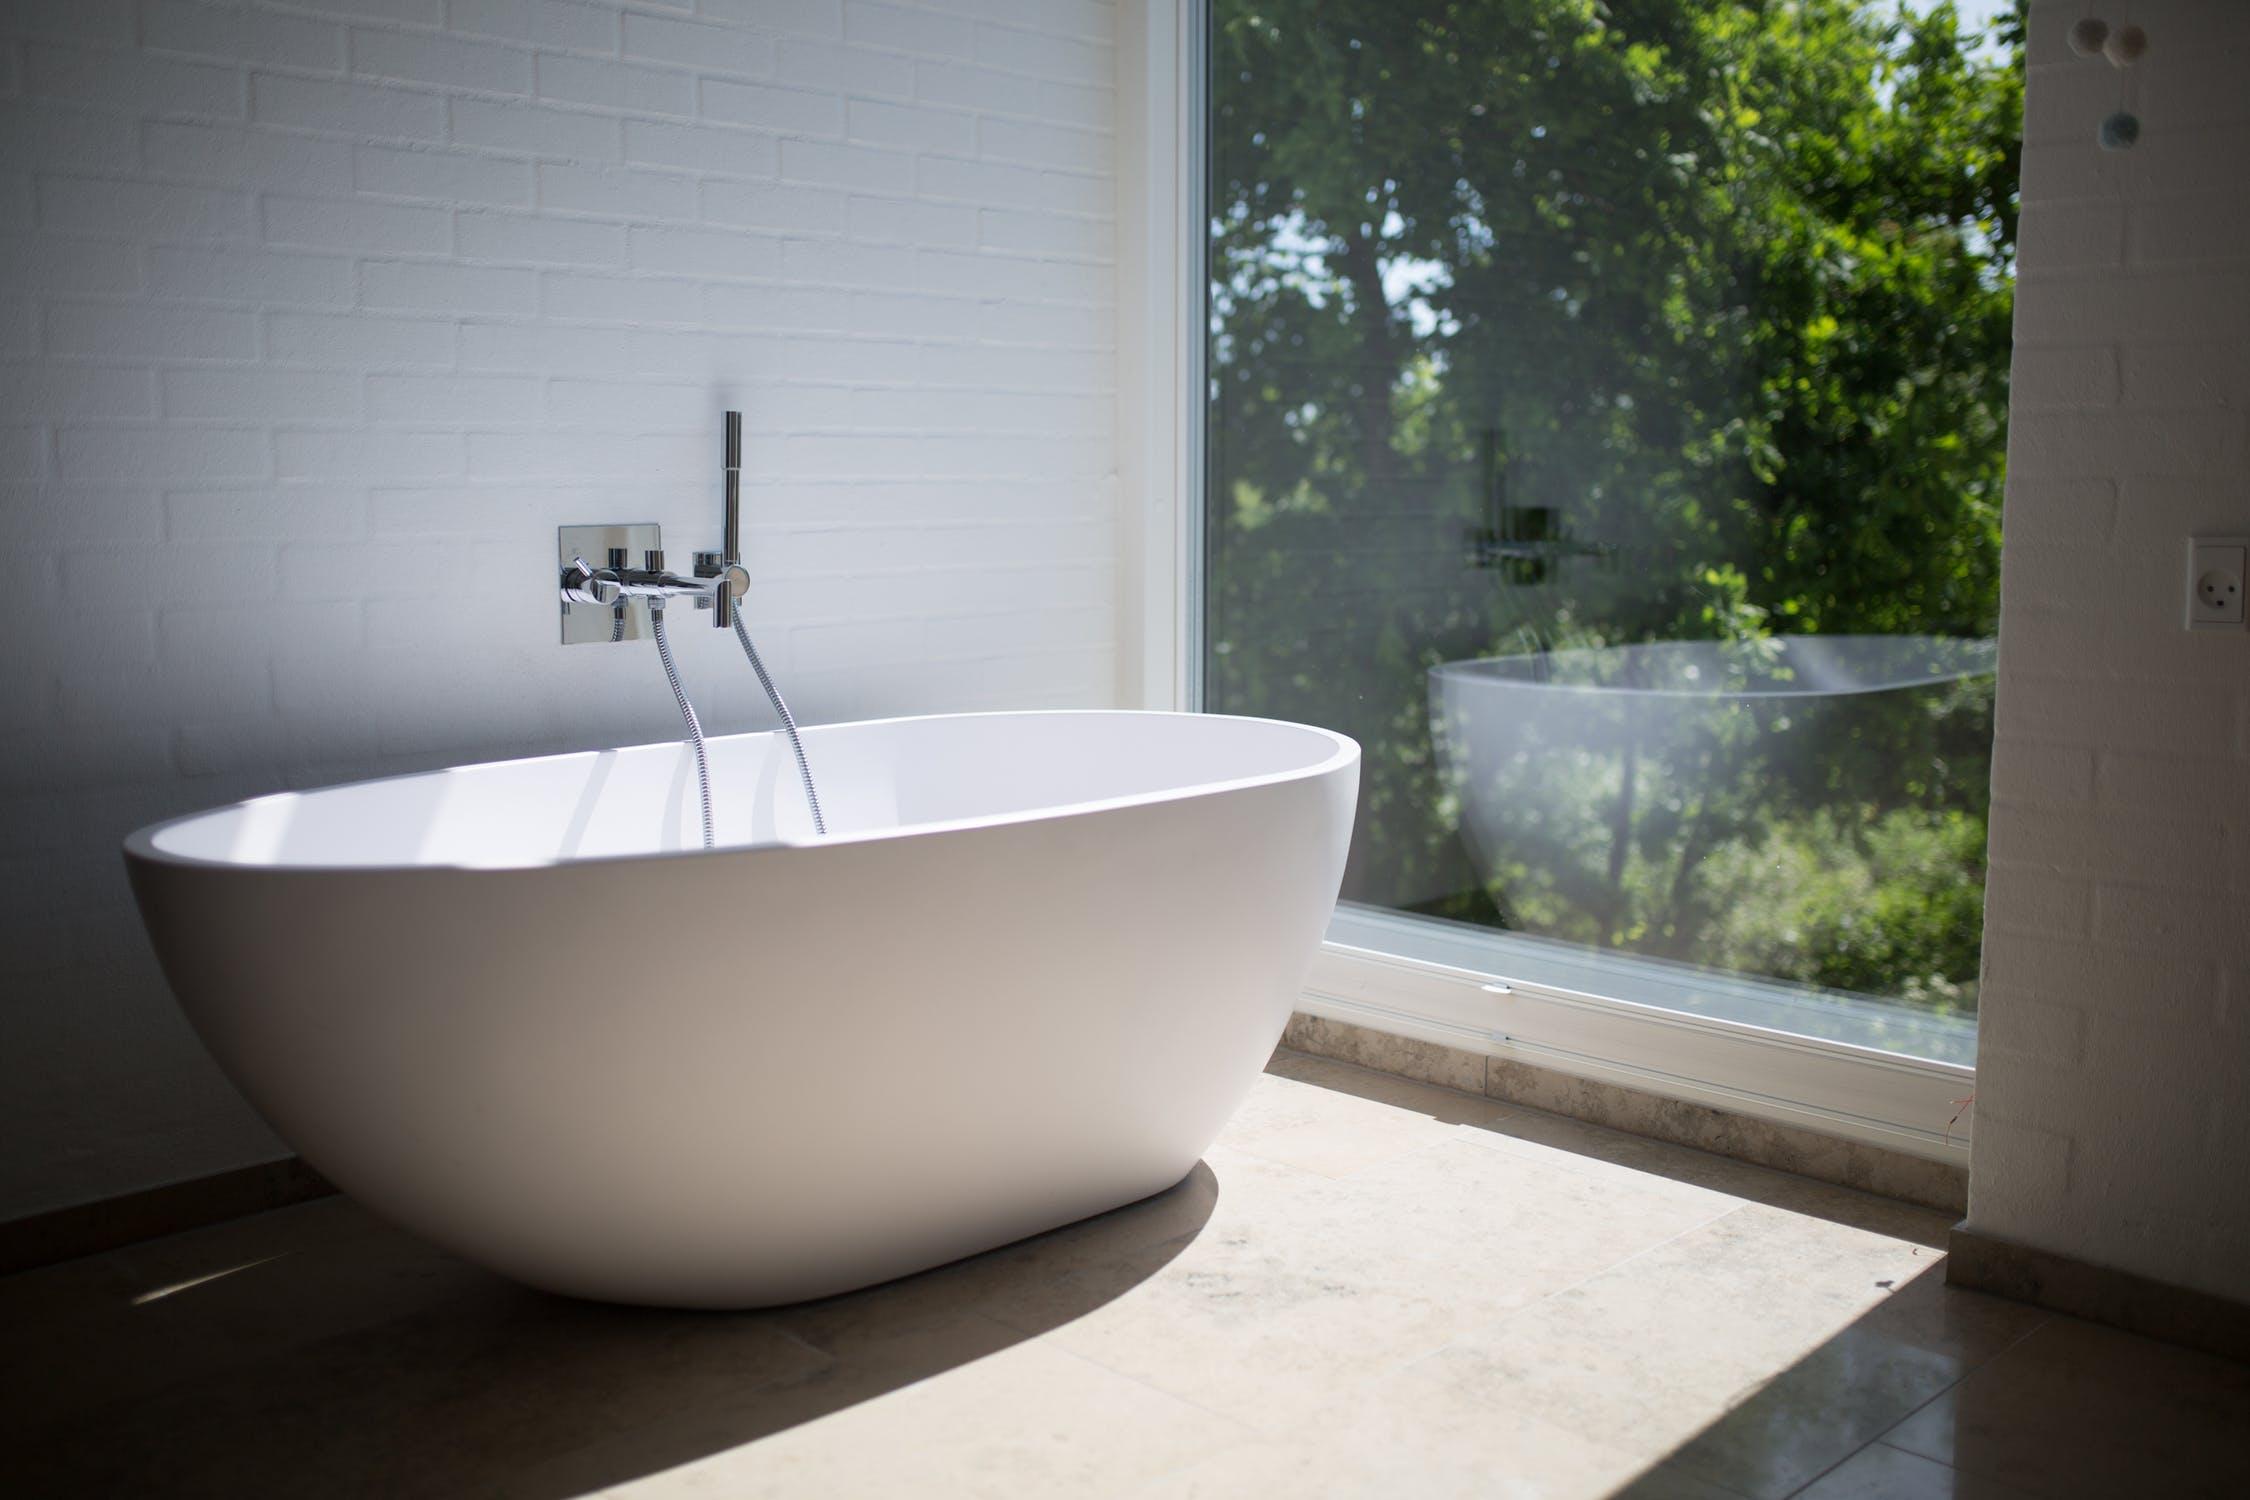 Baignoire Ceramique Pas Cher le meilleur robinet de baignoire ? explications et